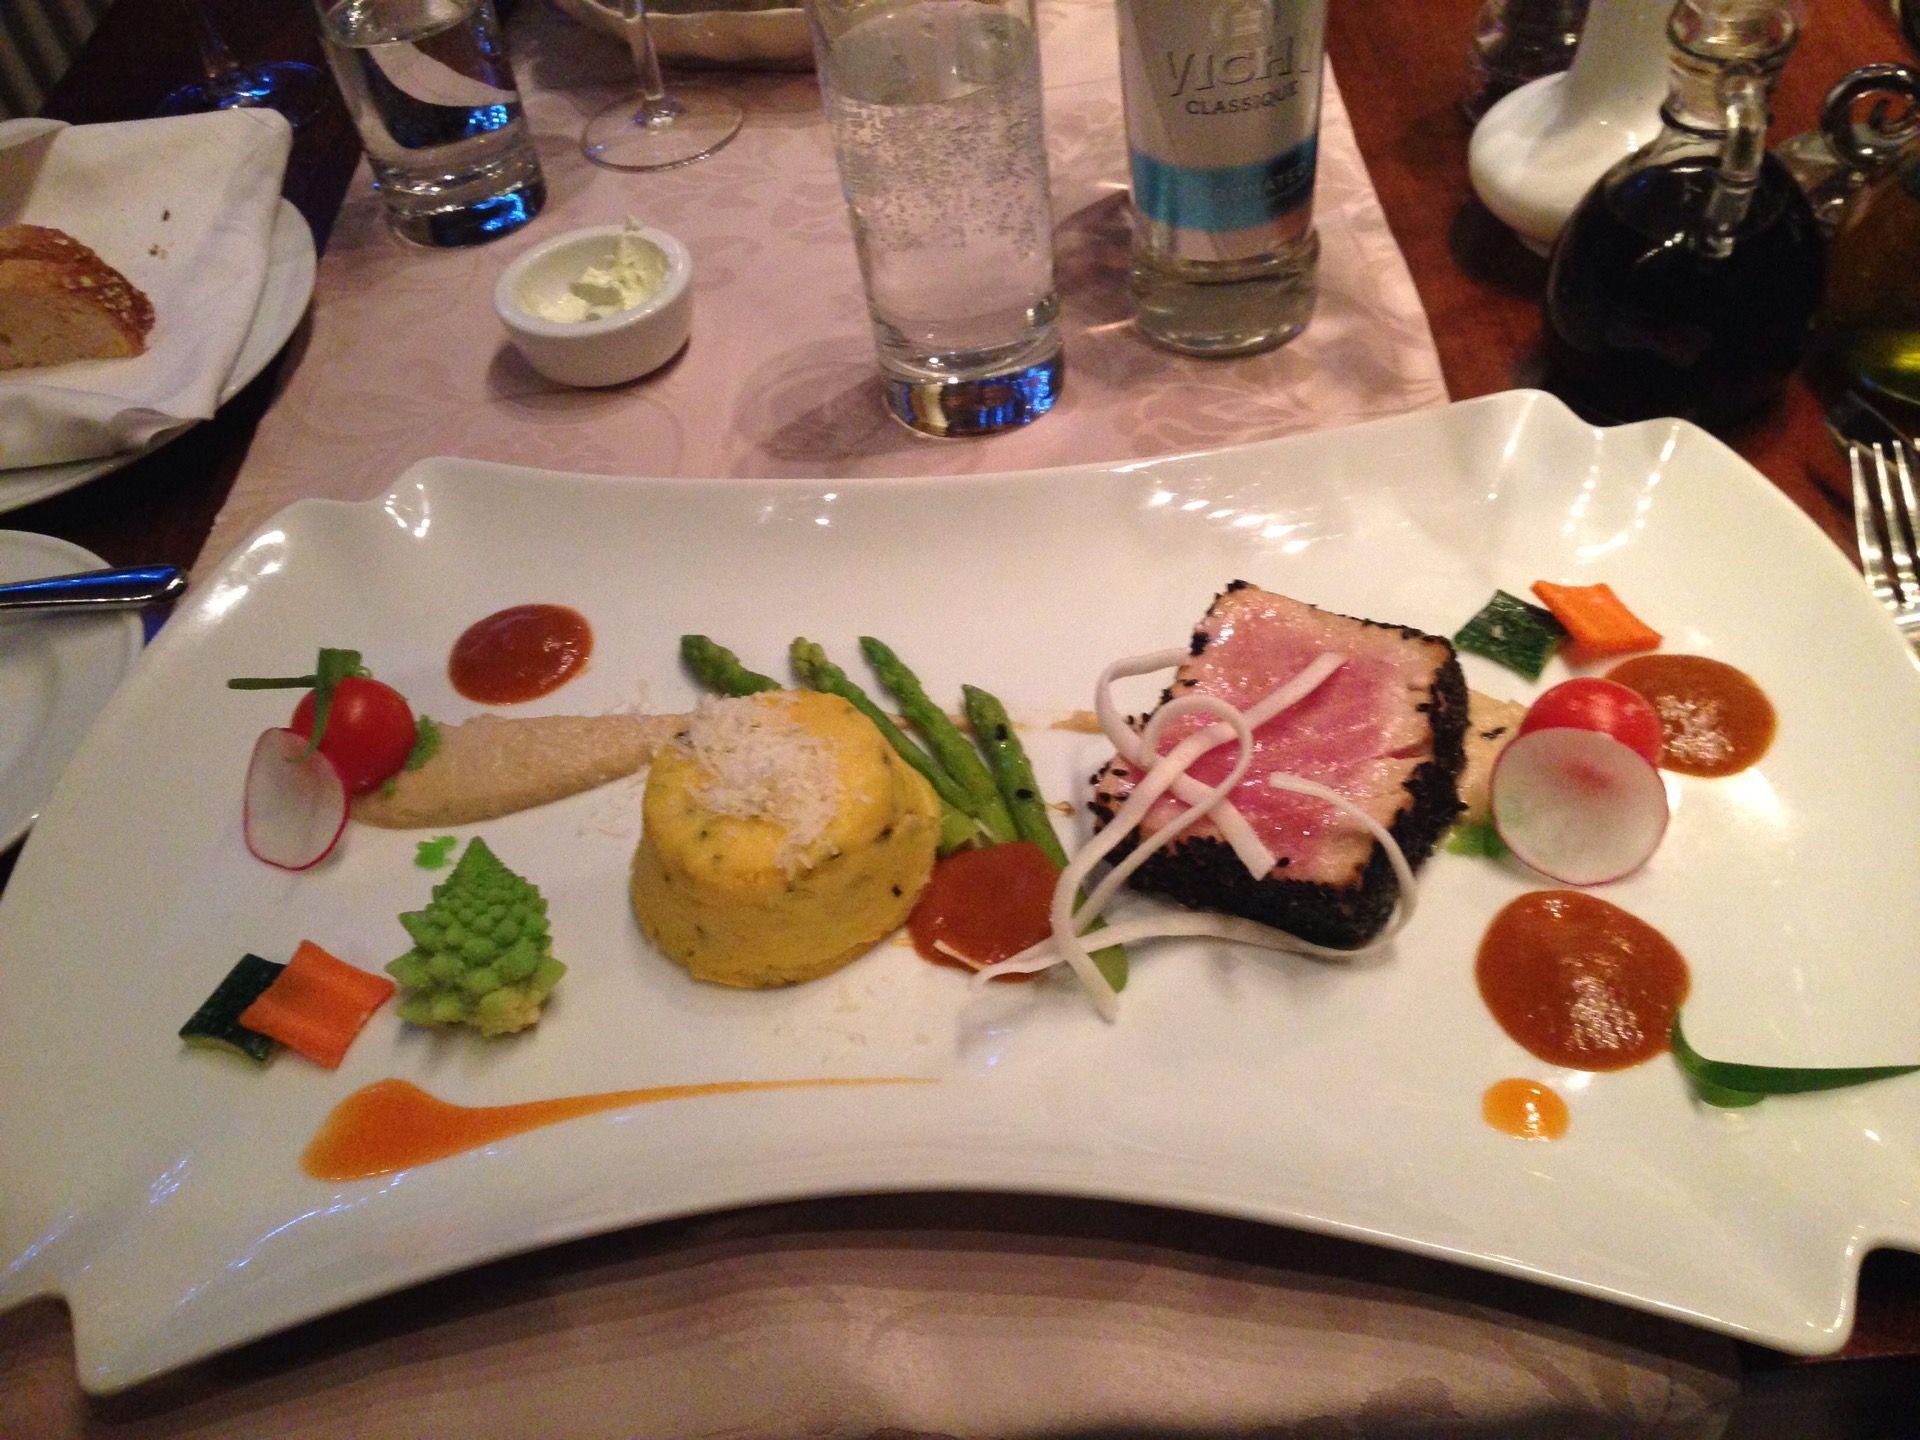 Mix Fusion Restaurant tarjoaa erittäin tasokkaita, elämyksellisiä annoksia ja erinomaista palvelua. Huom. osoite on muuttunut, uusi osoite on Vana-Posti 11/13 (My City Hotelin yhteydessä)